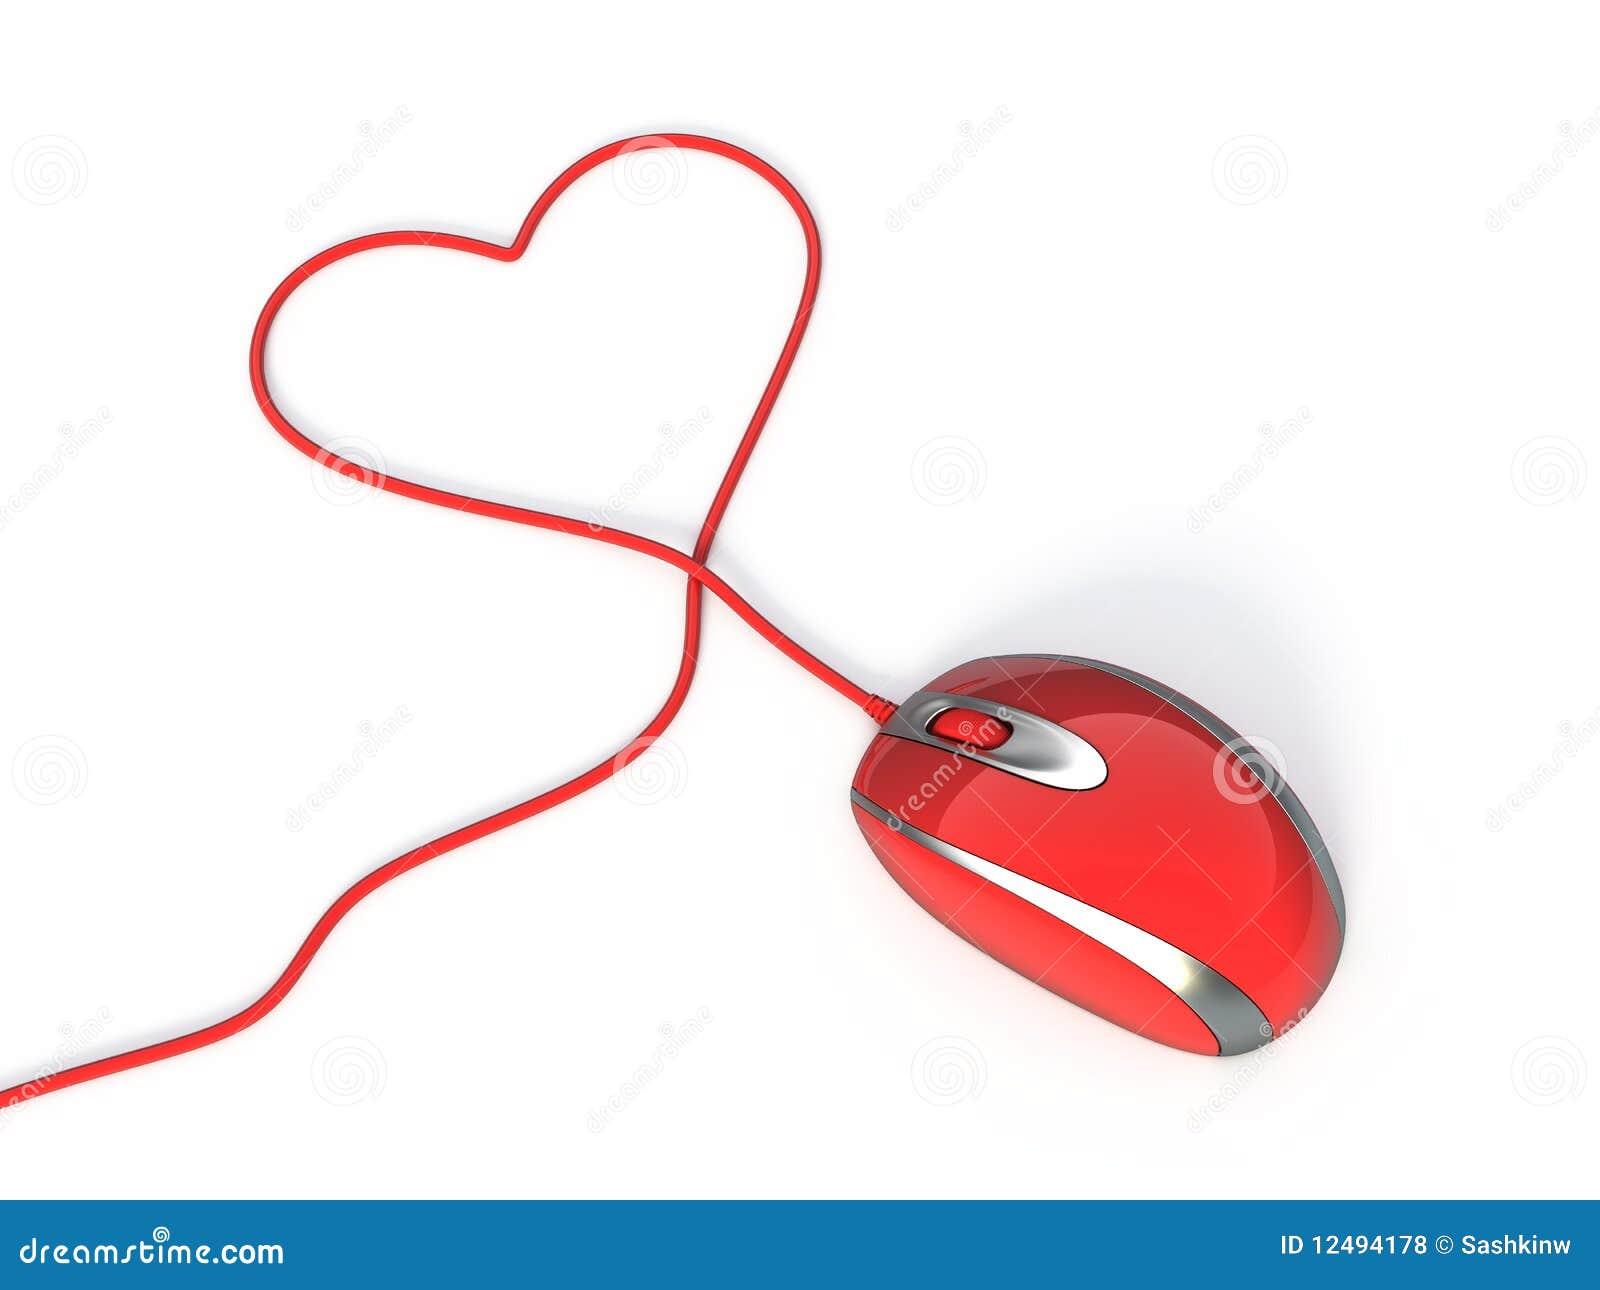 Souris rouge d 39 ordinateur photos libres de droits image 12494178 - Les souris d ordinateur ...